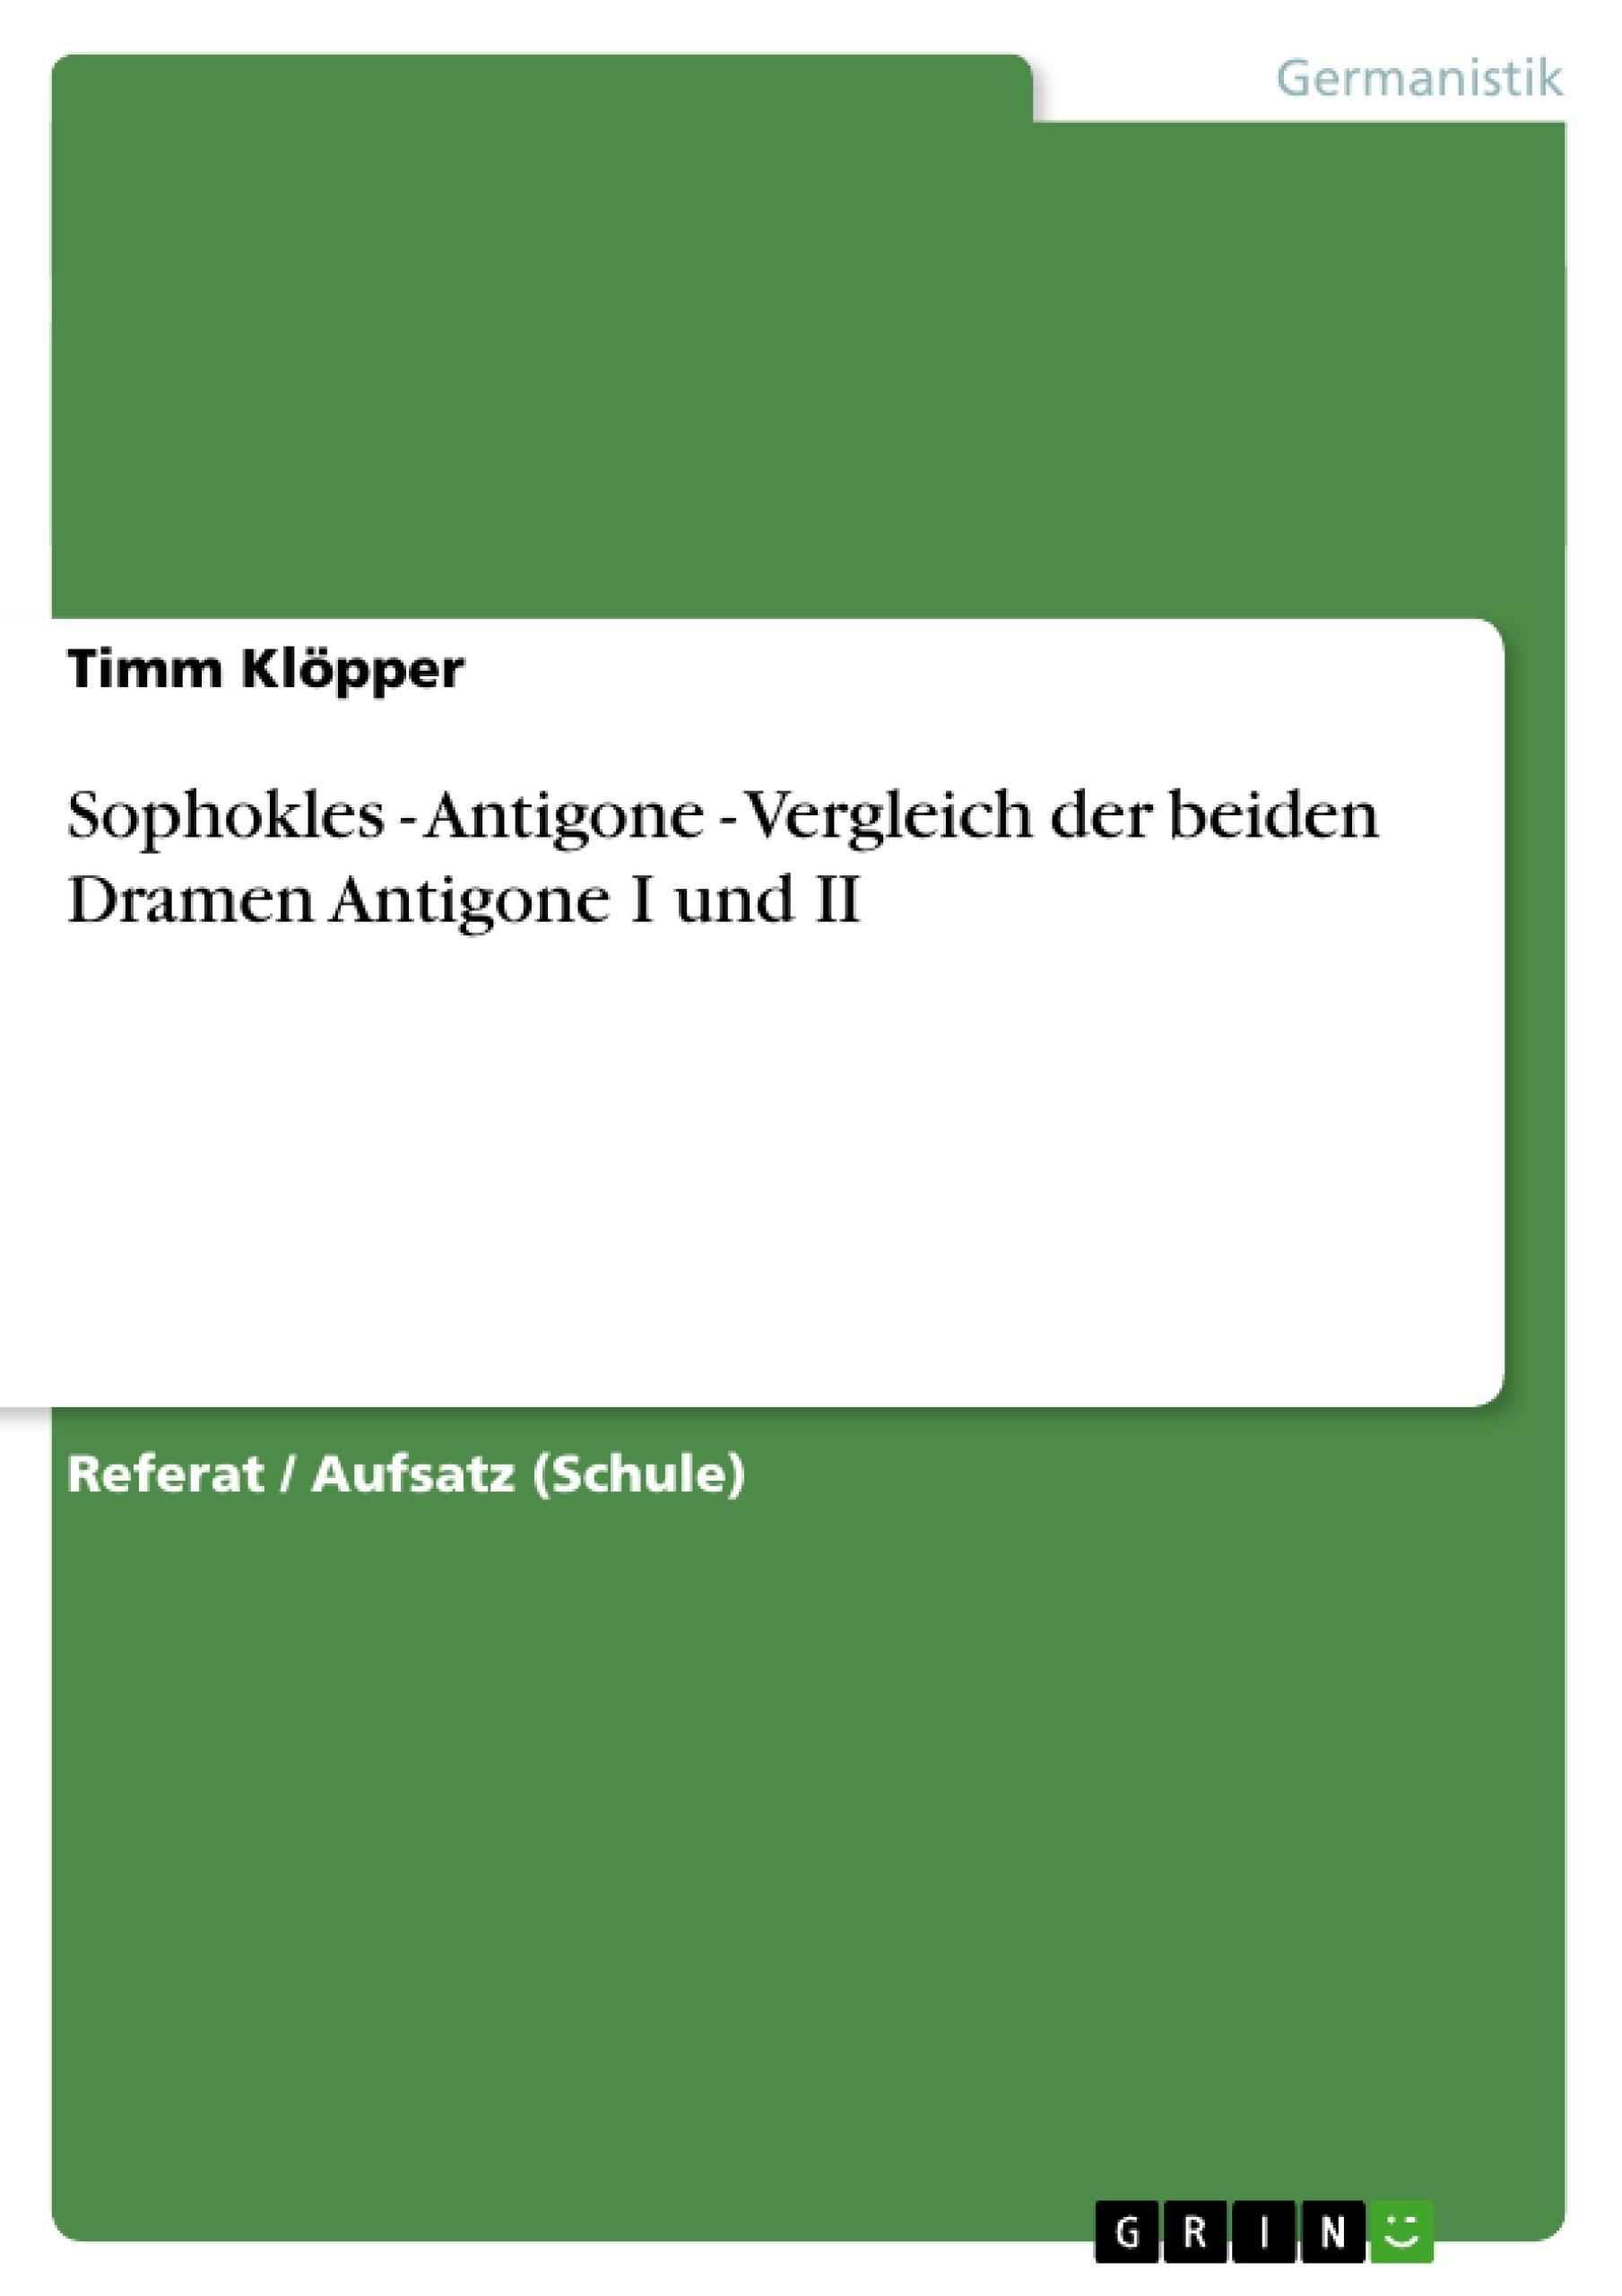 Titel: Sophokles - Antigone - Vergleich der beiden Dramen Antigone I und II